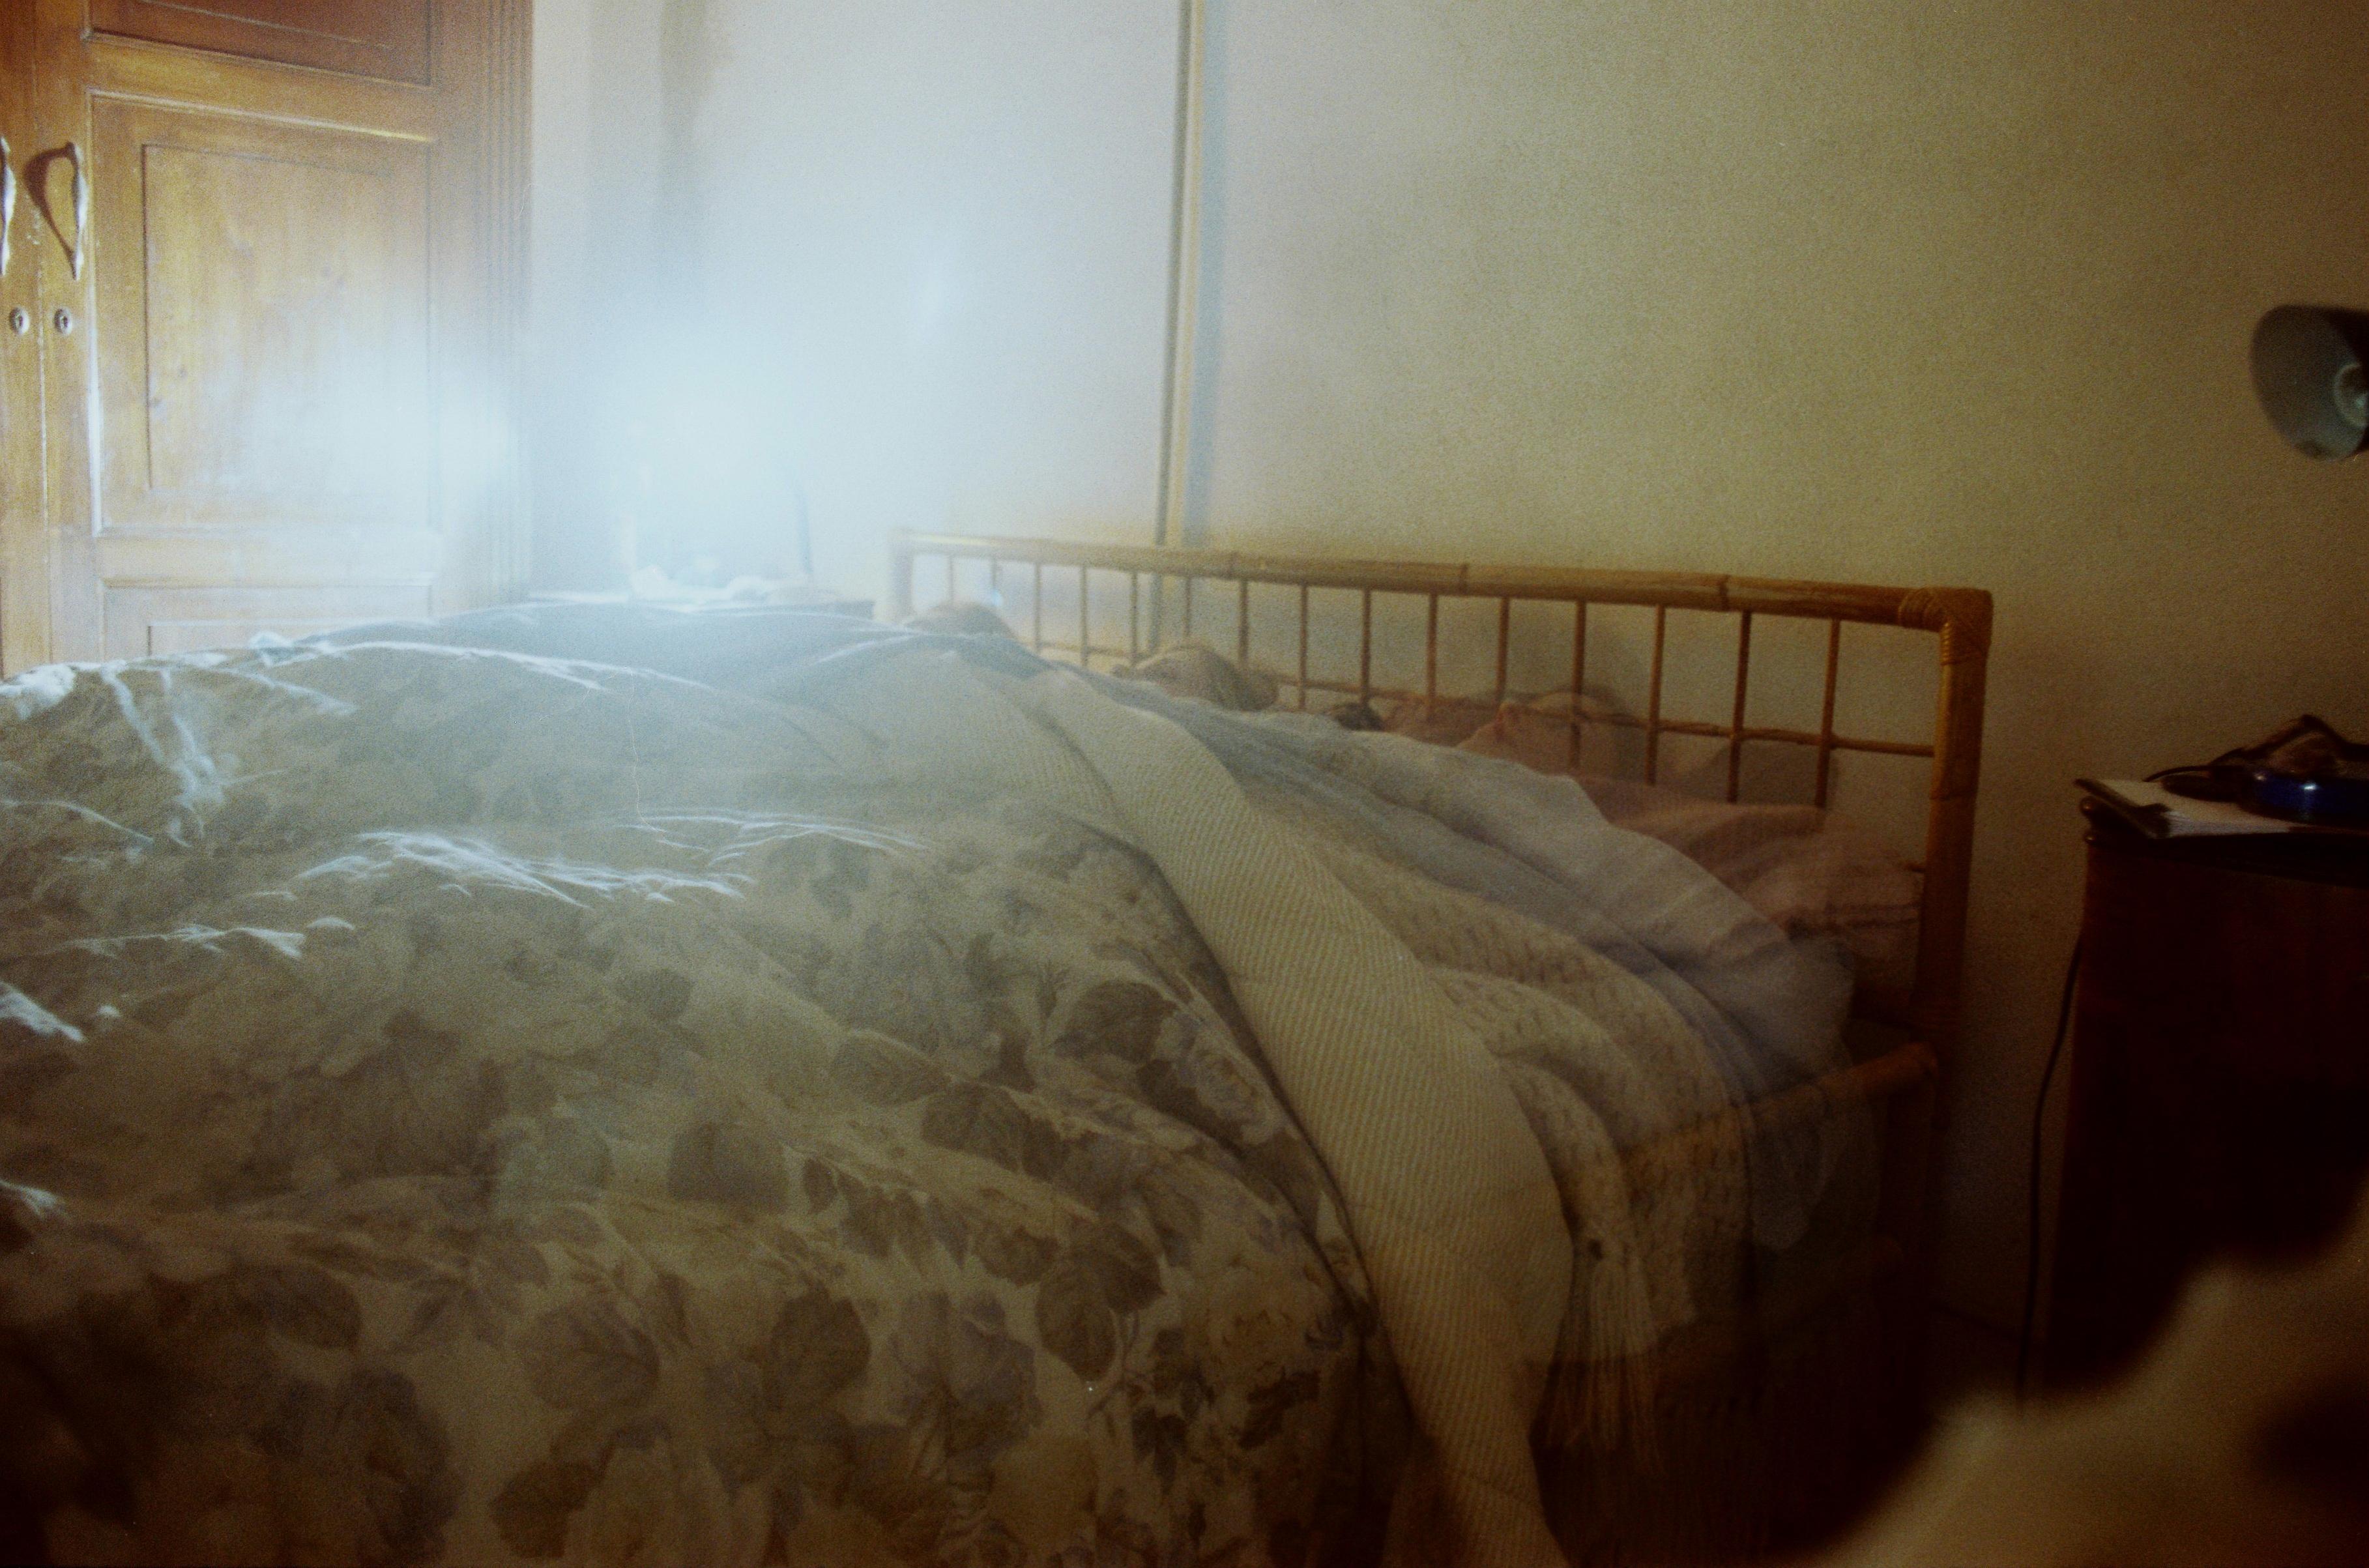 Fond D Cran Chambre Mur Bois Maison Canon Relation Amicale  # Image Meubles En Platre